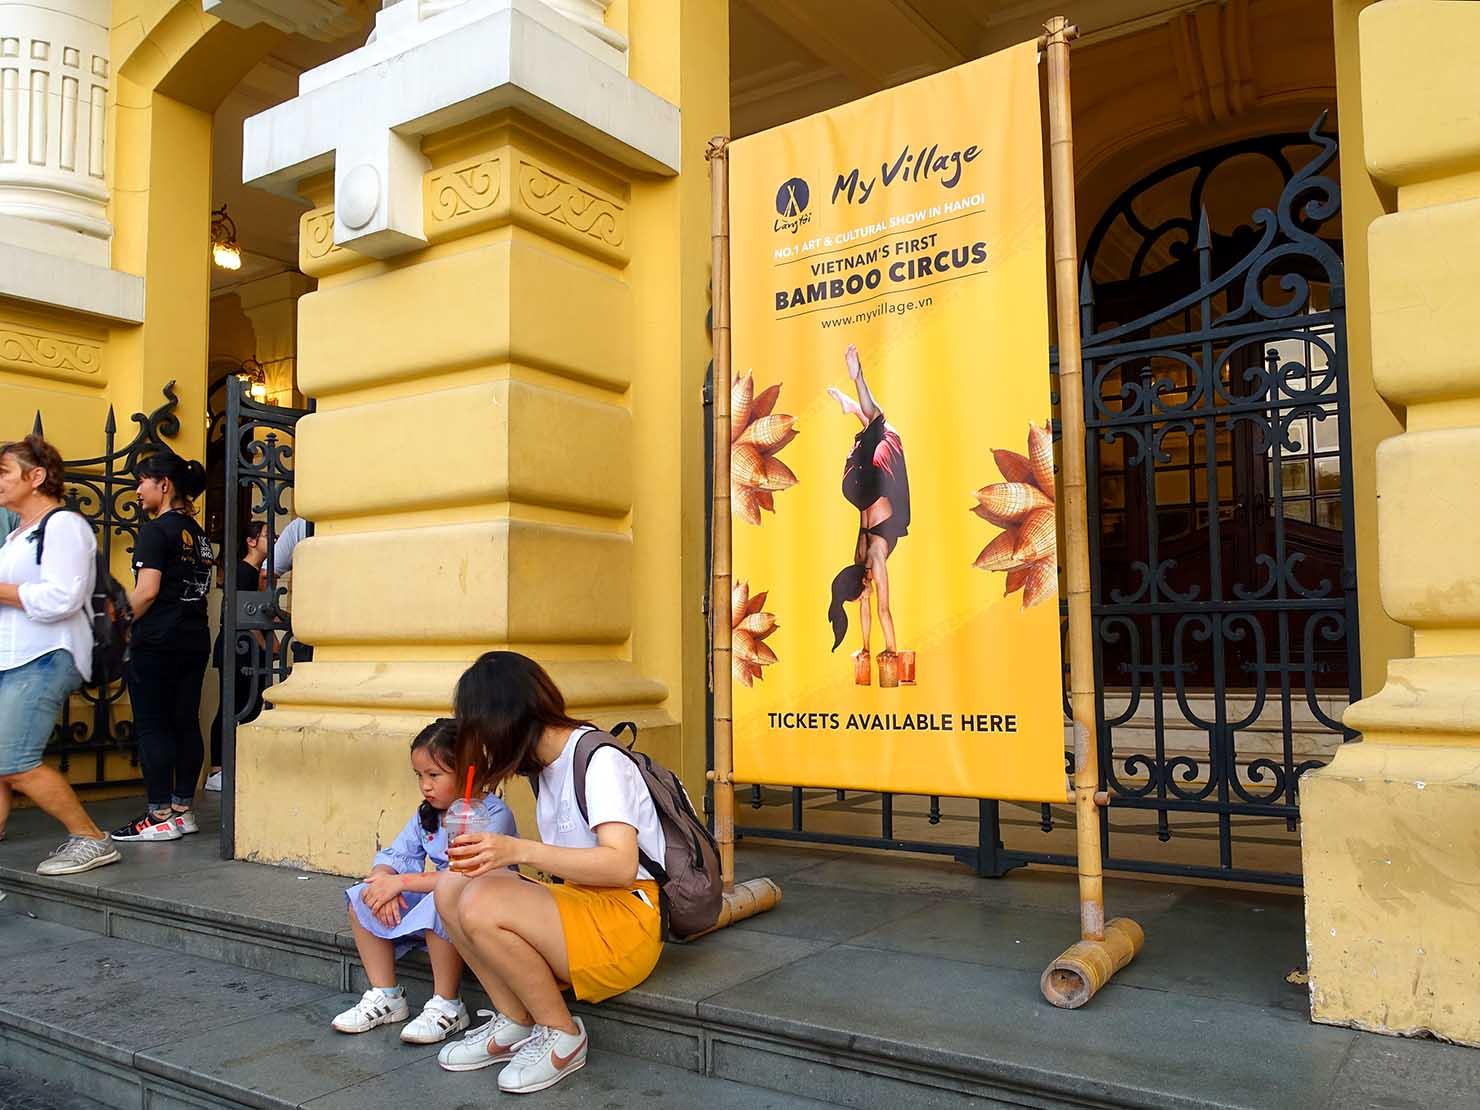 ベトナム・ハノイ旧市街の観光スポット「オペラハウス」で鑑賞できるバンブーサーカス